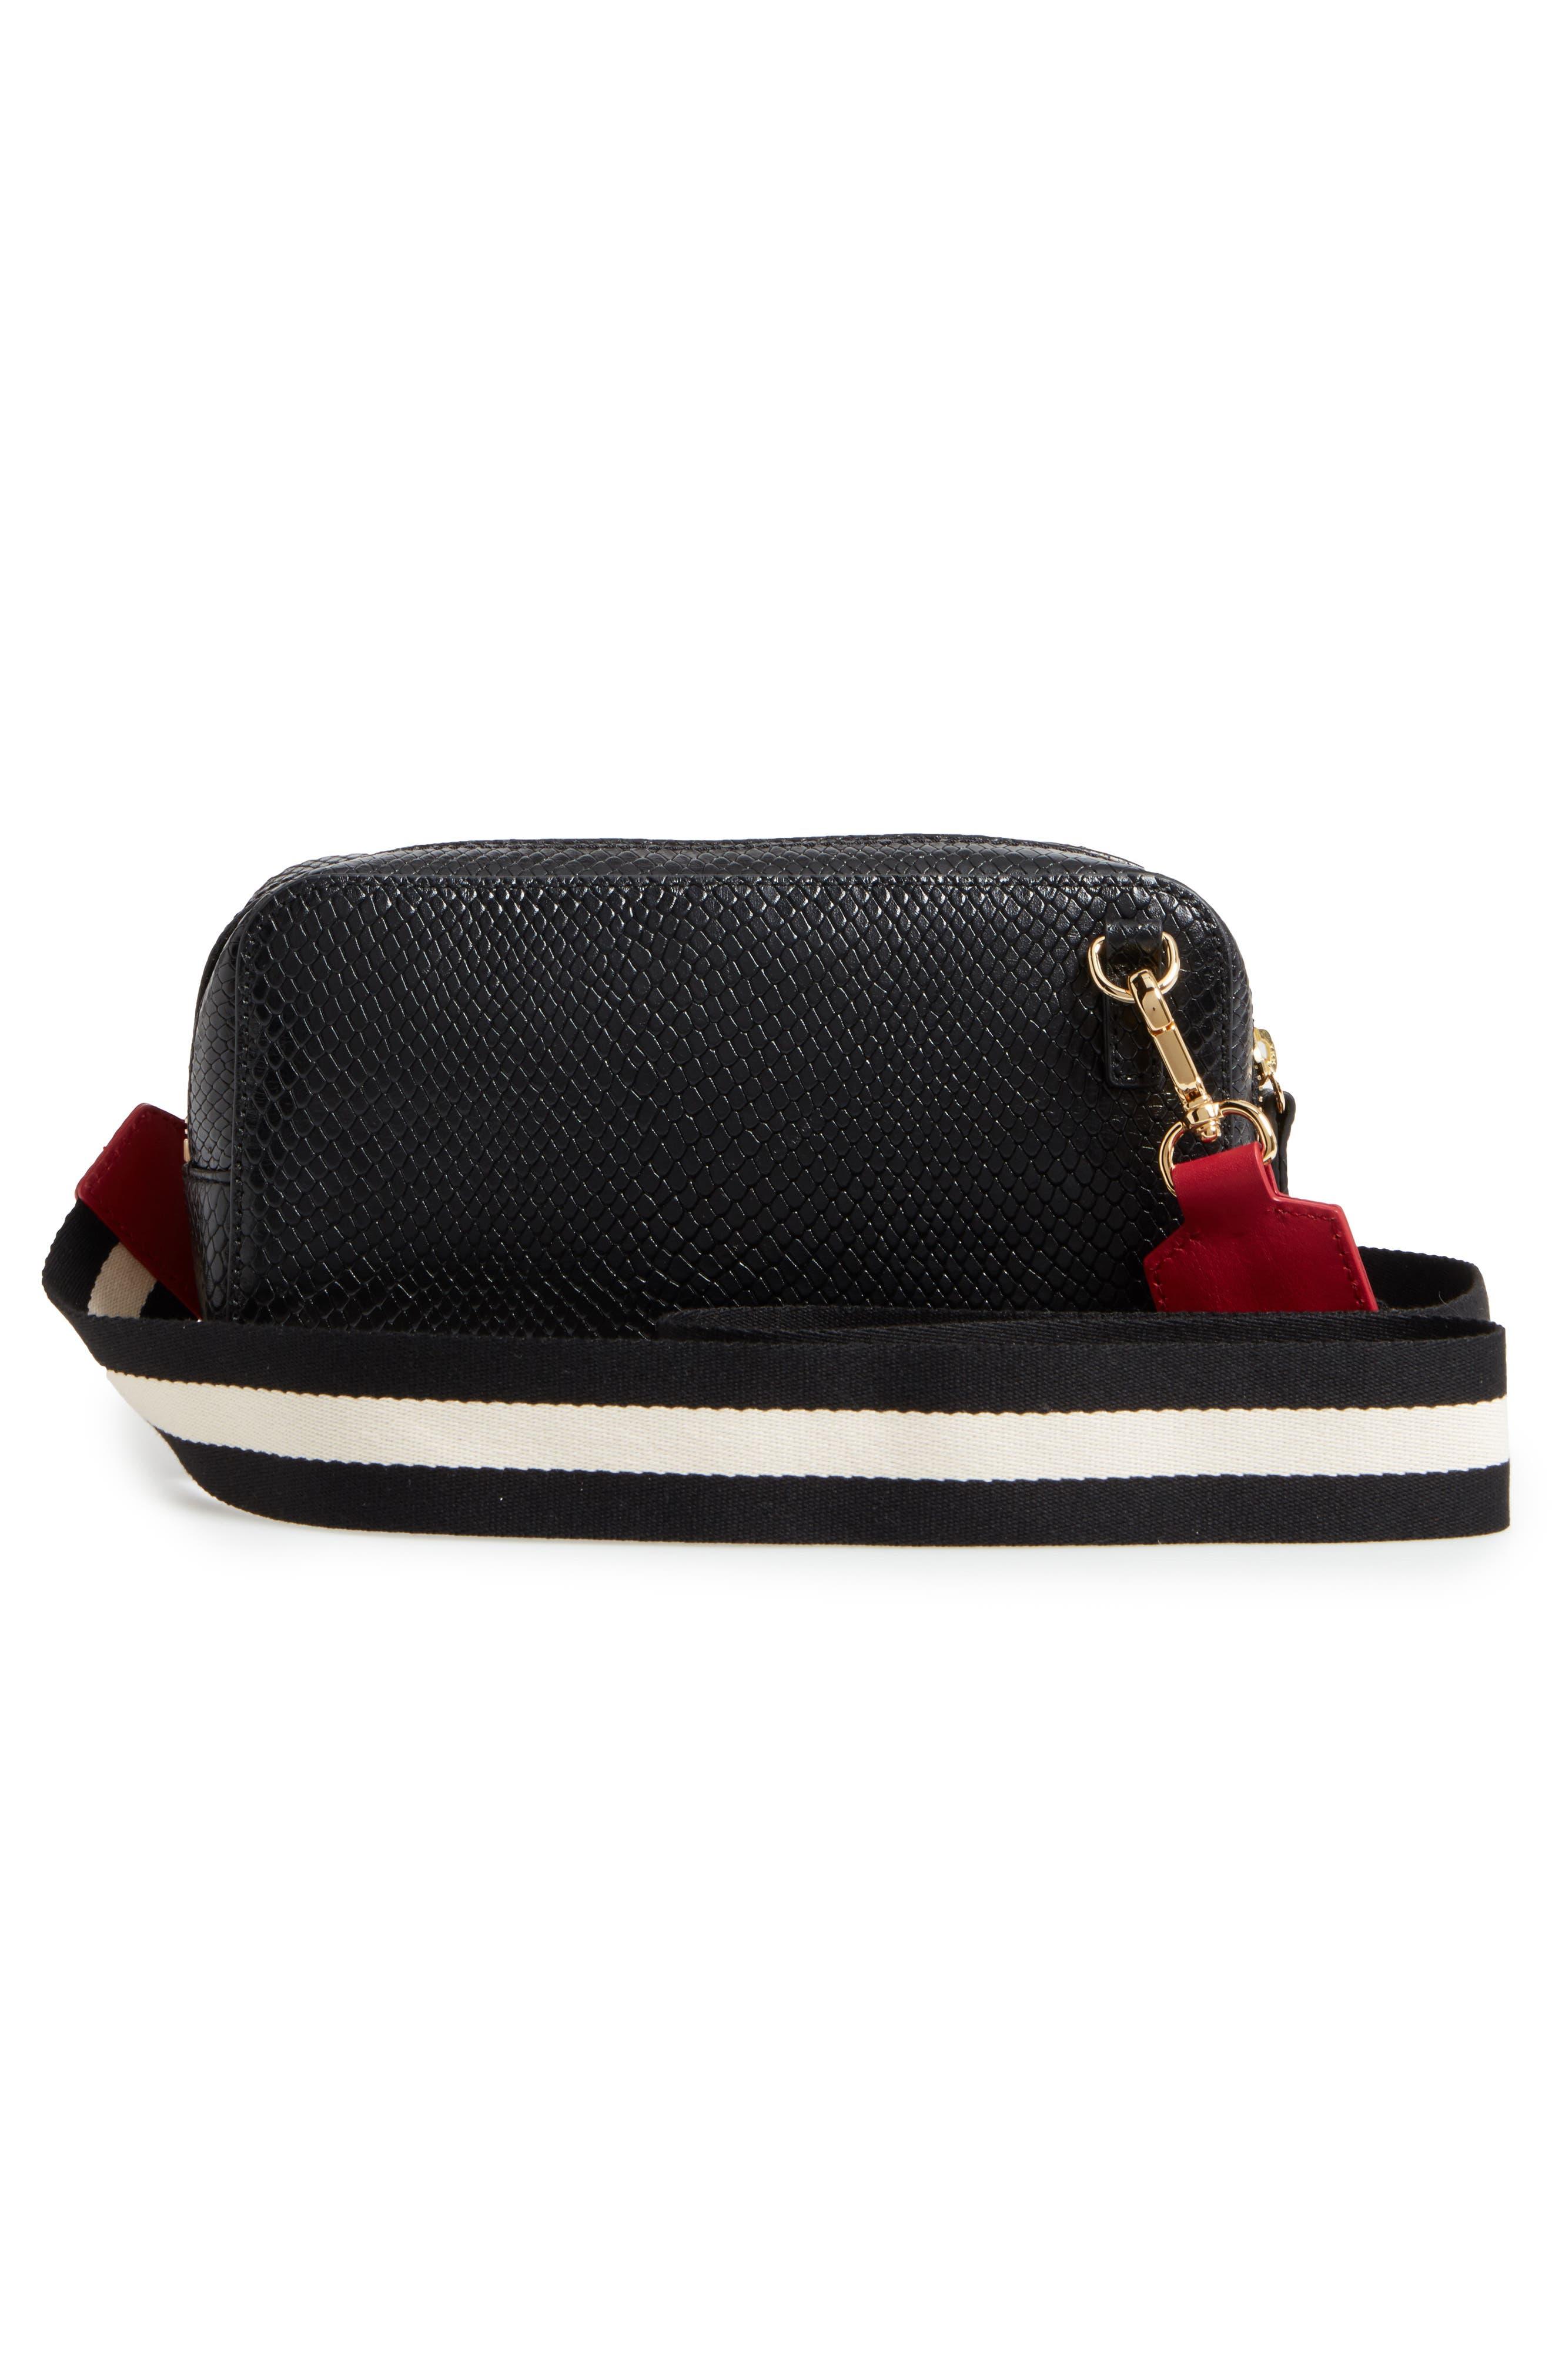 Snakeskin Embossed Leather Crossbody Bag,                             Alternate thumbnail 2, color,                             Black